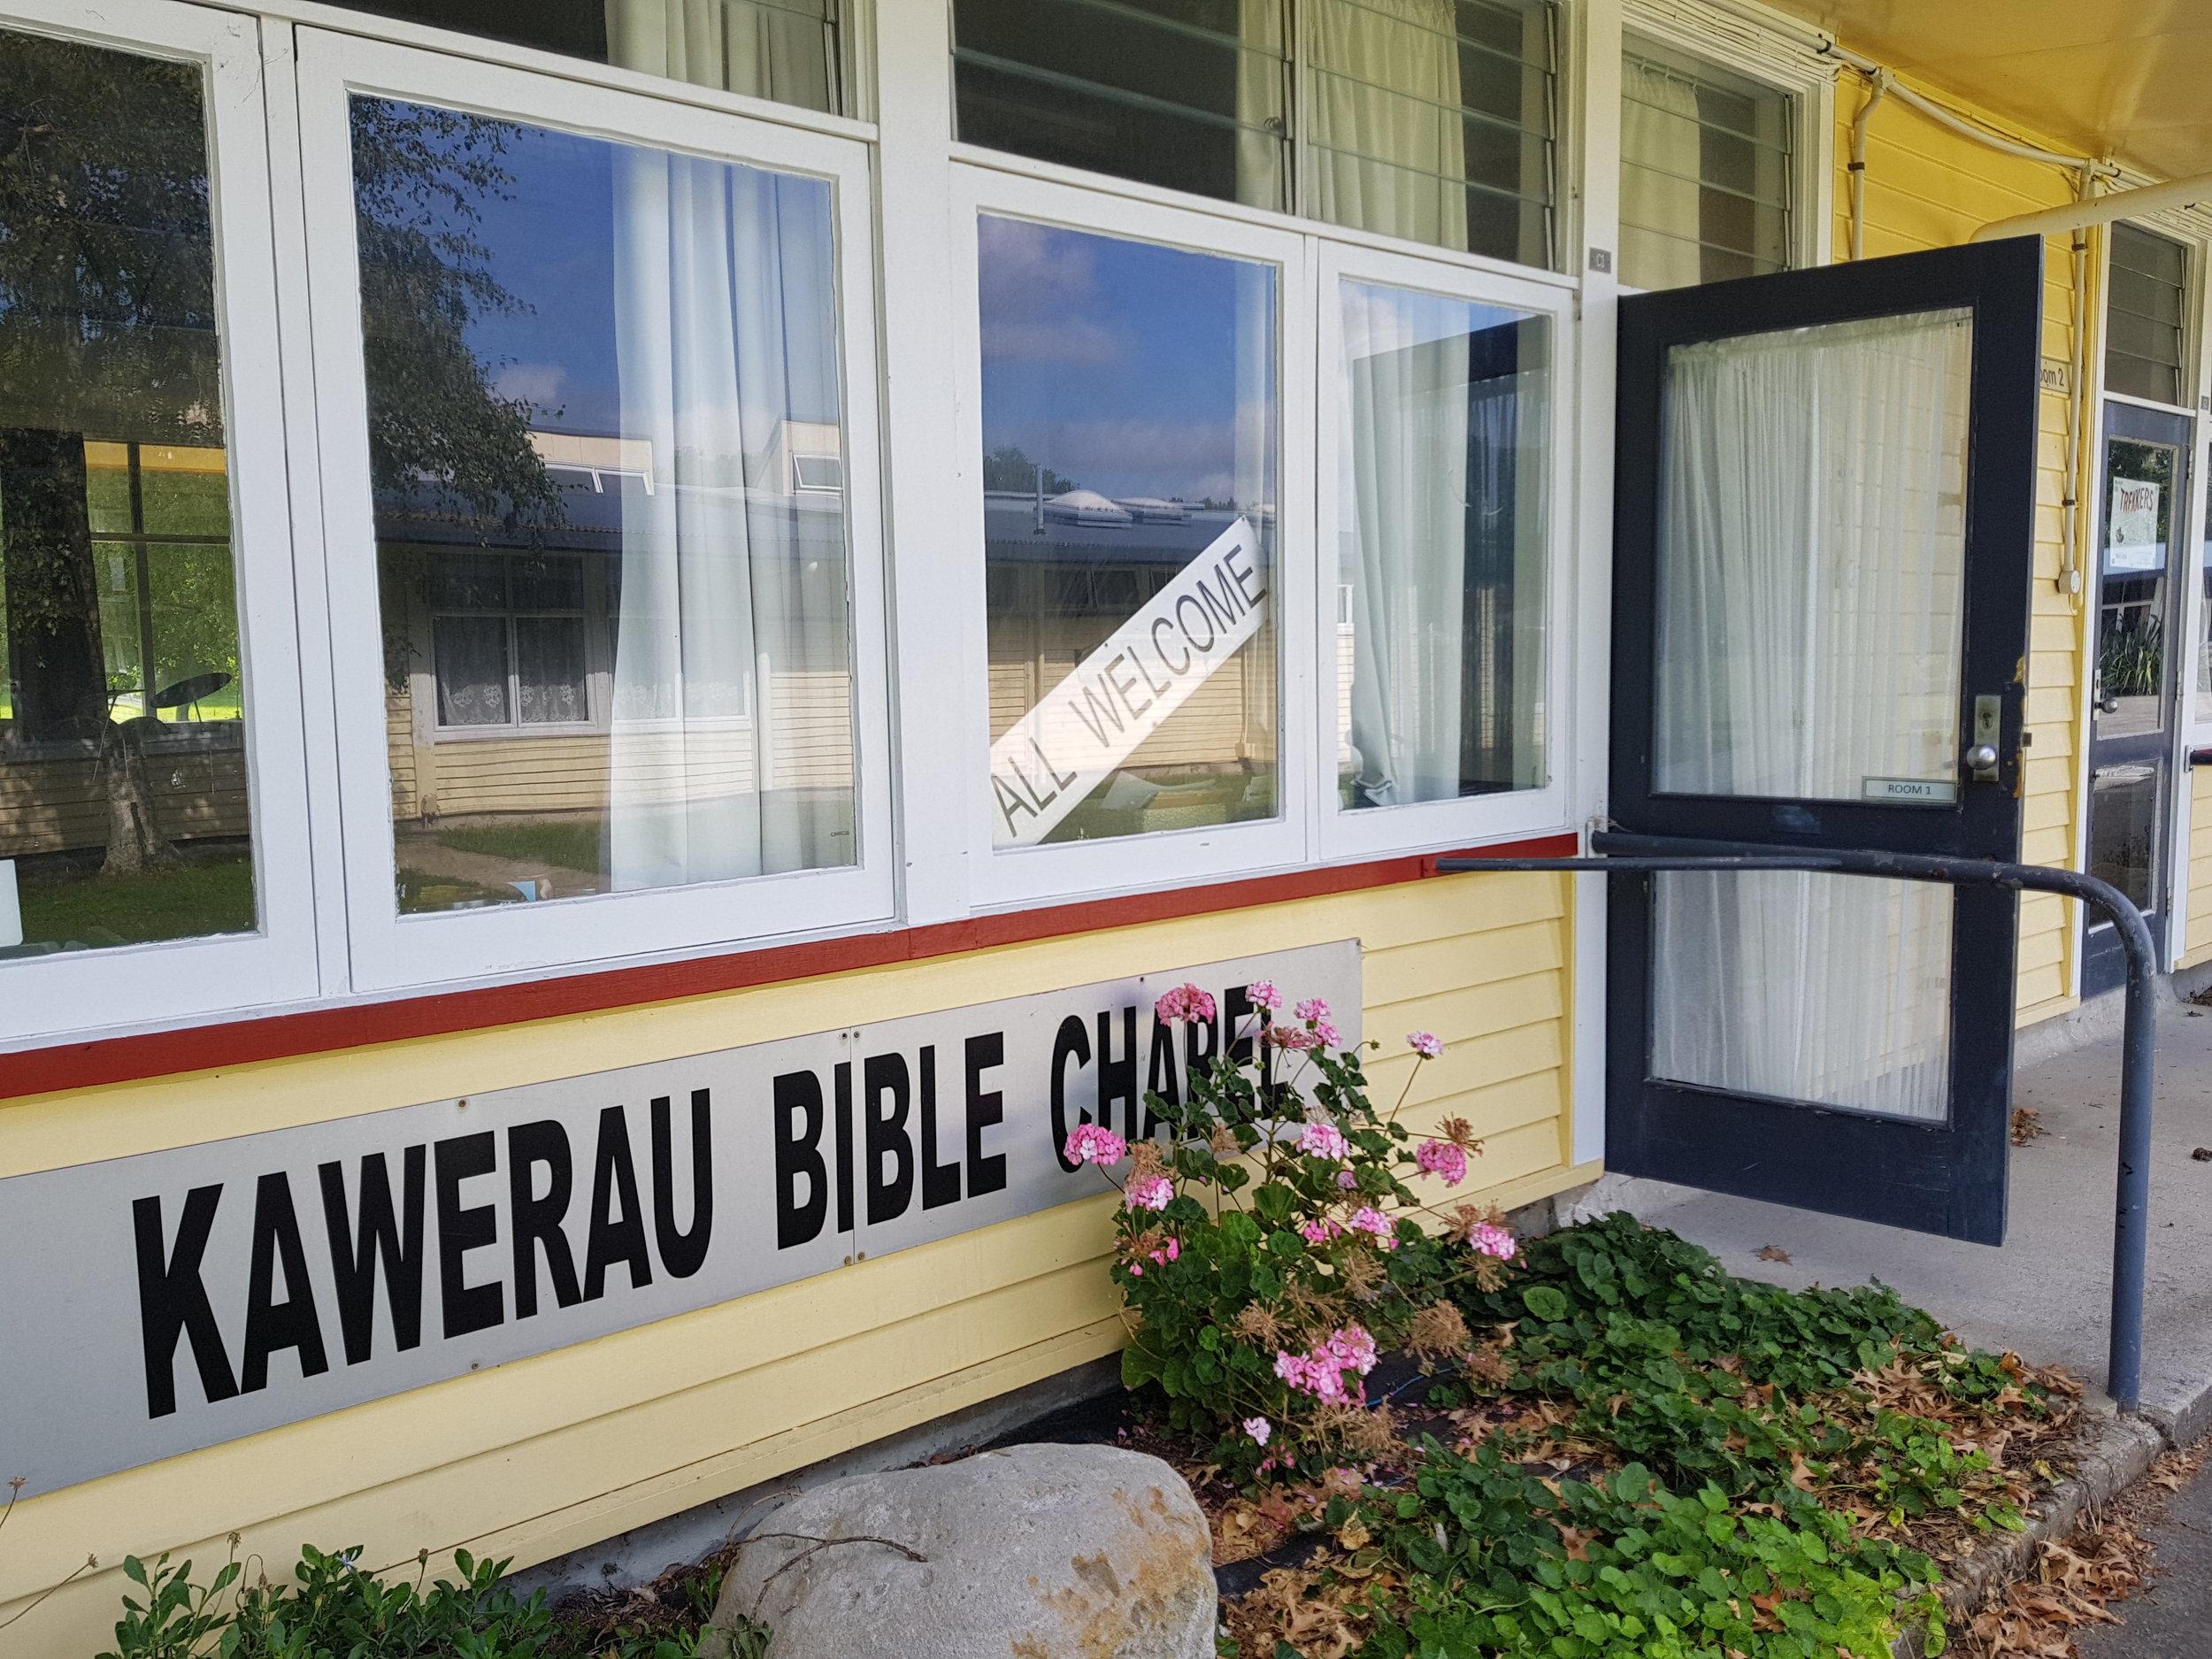 Kawerau Bible Chapel at Kawerau Life Konnect